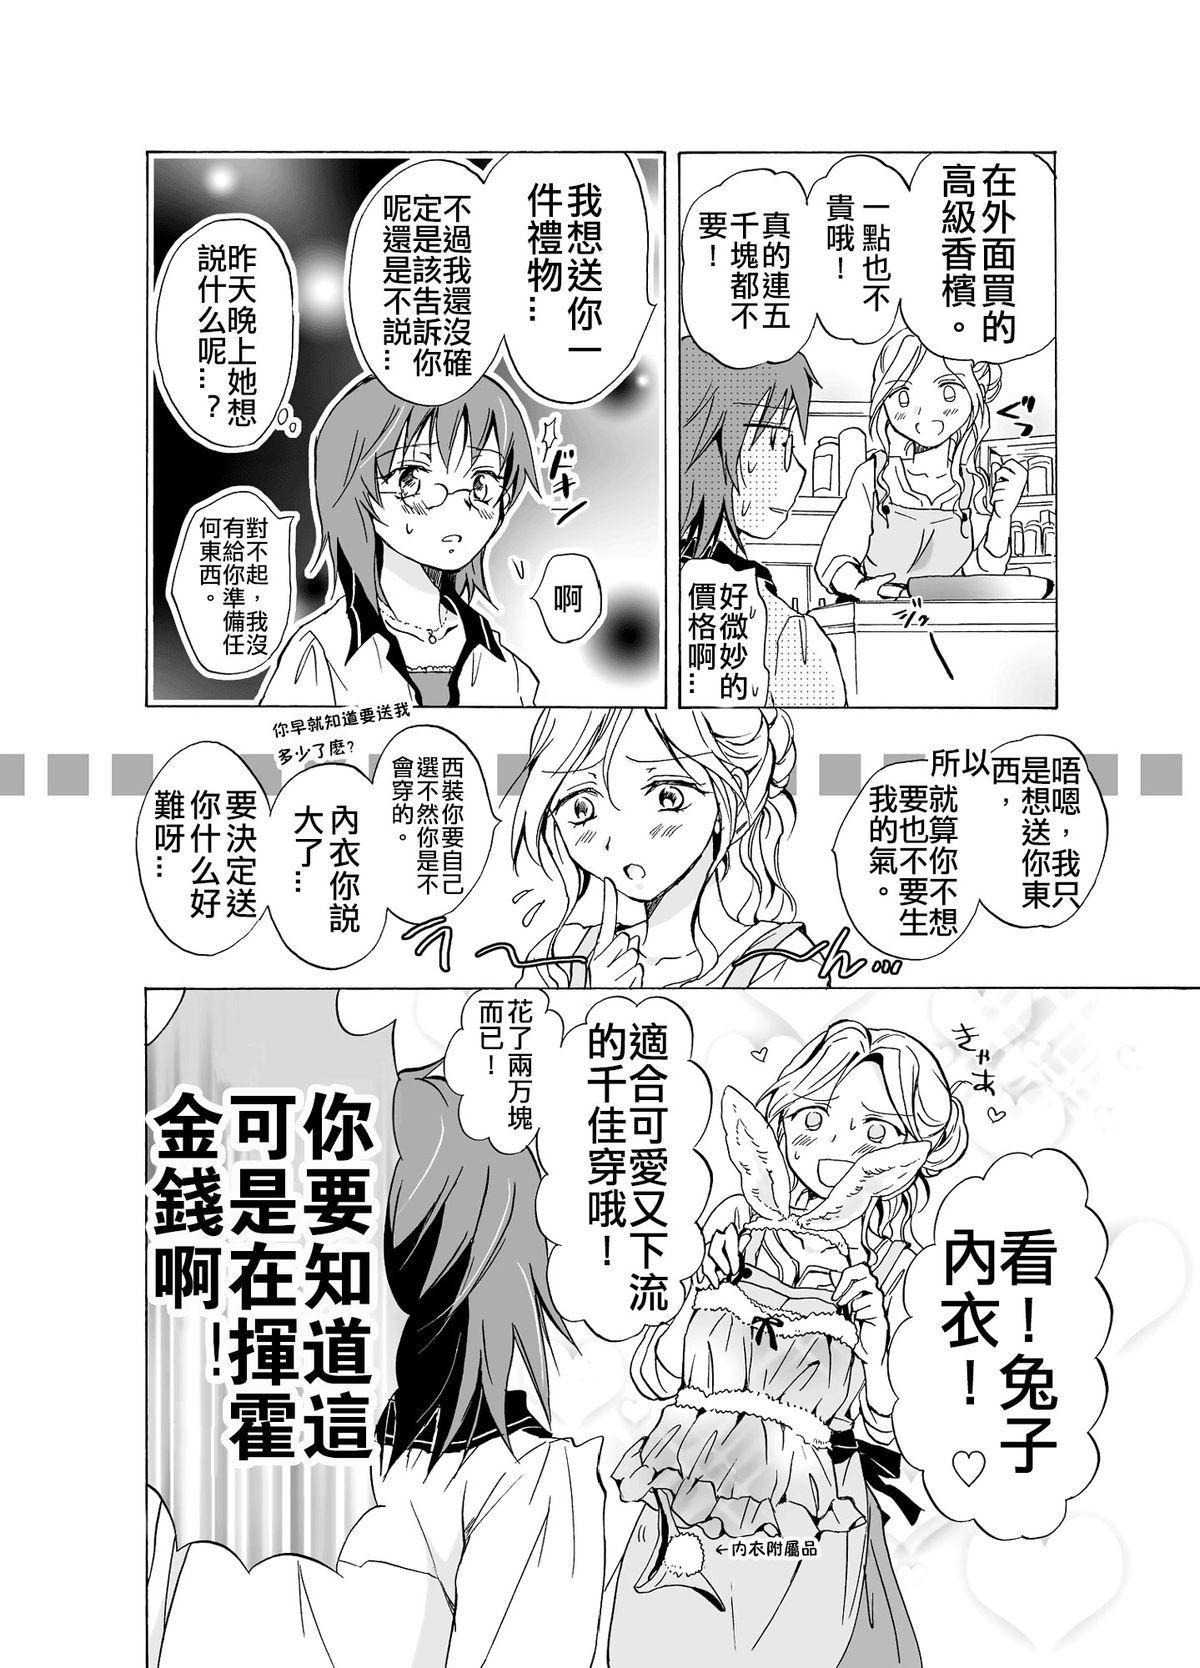 Aisaresugite Komaru no | 為愛所困 25